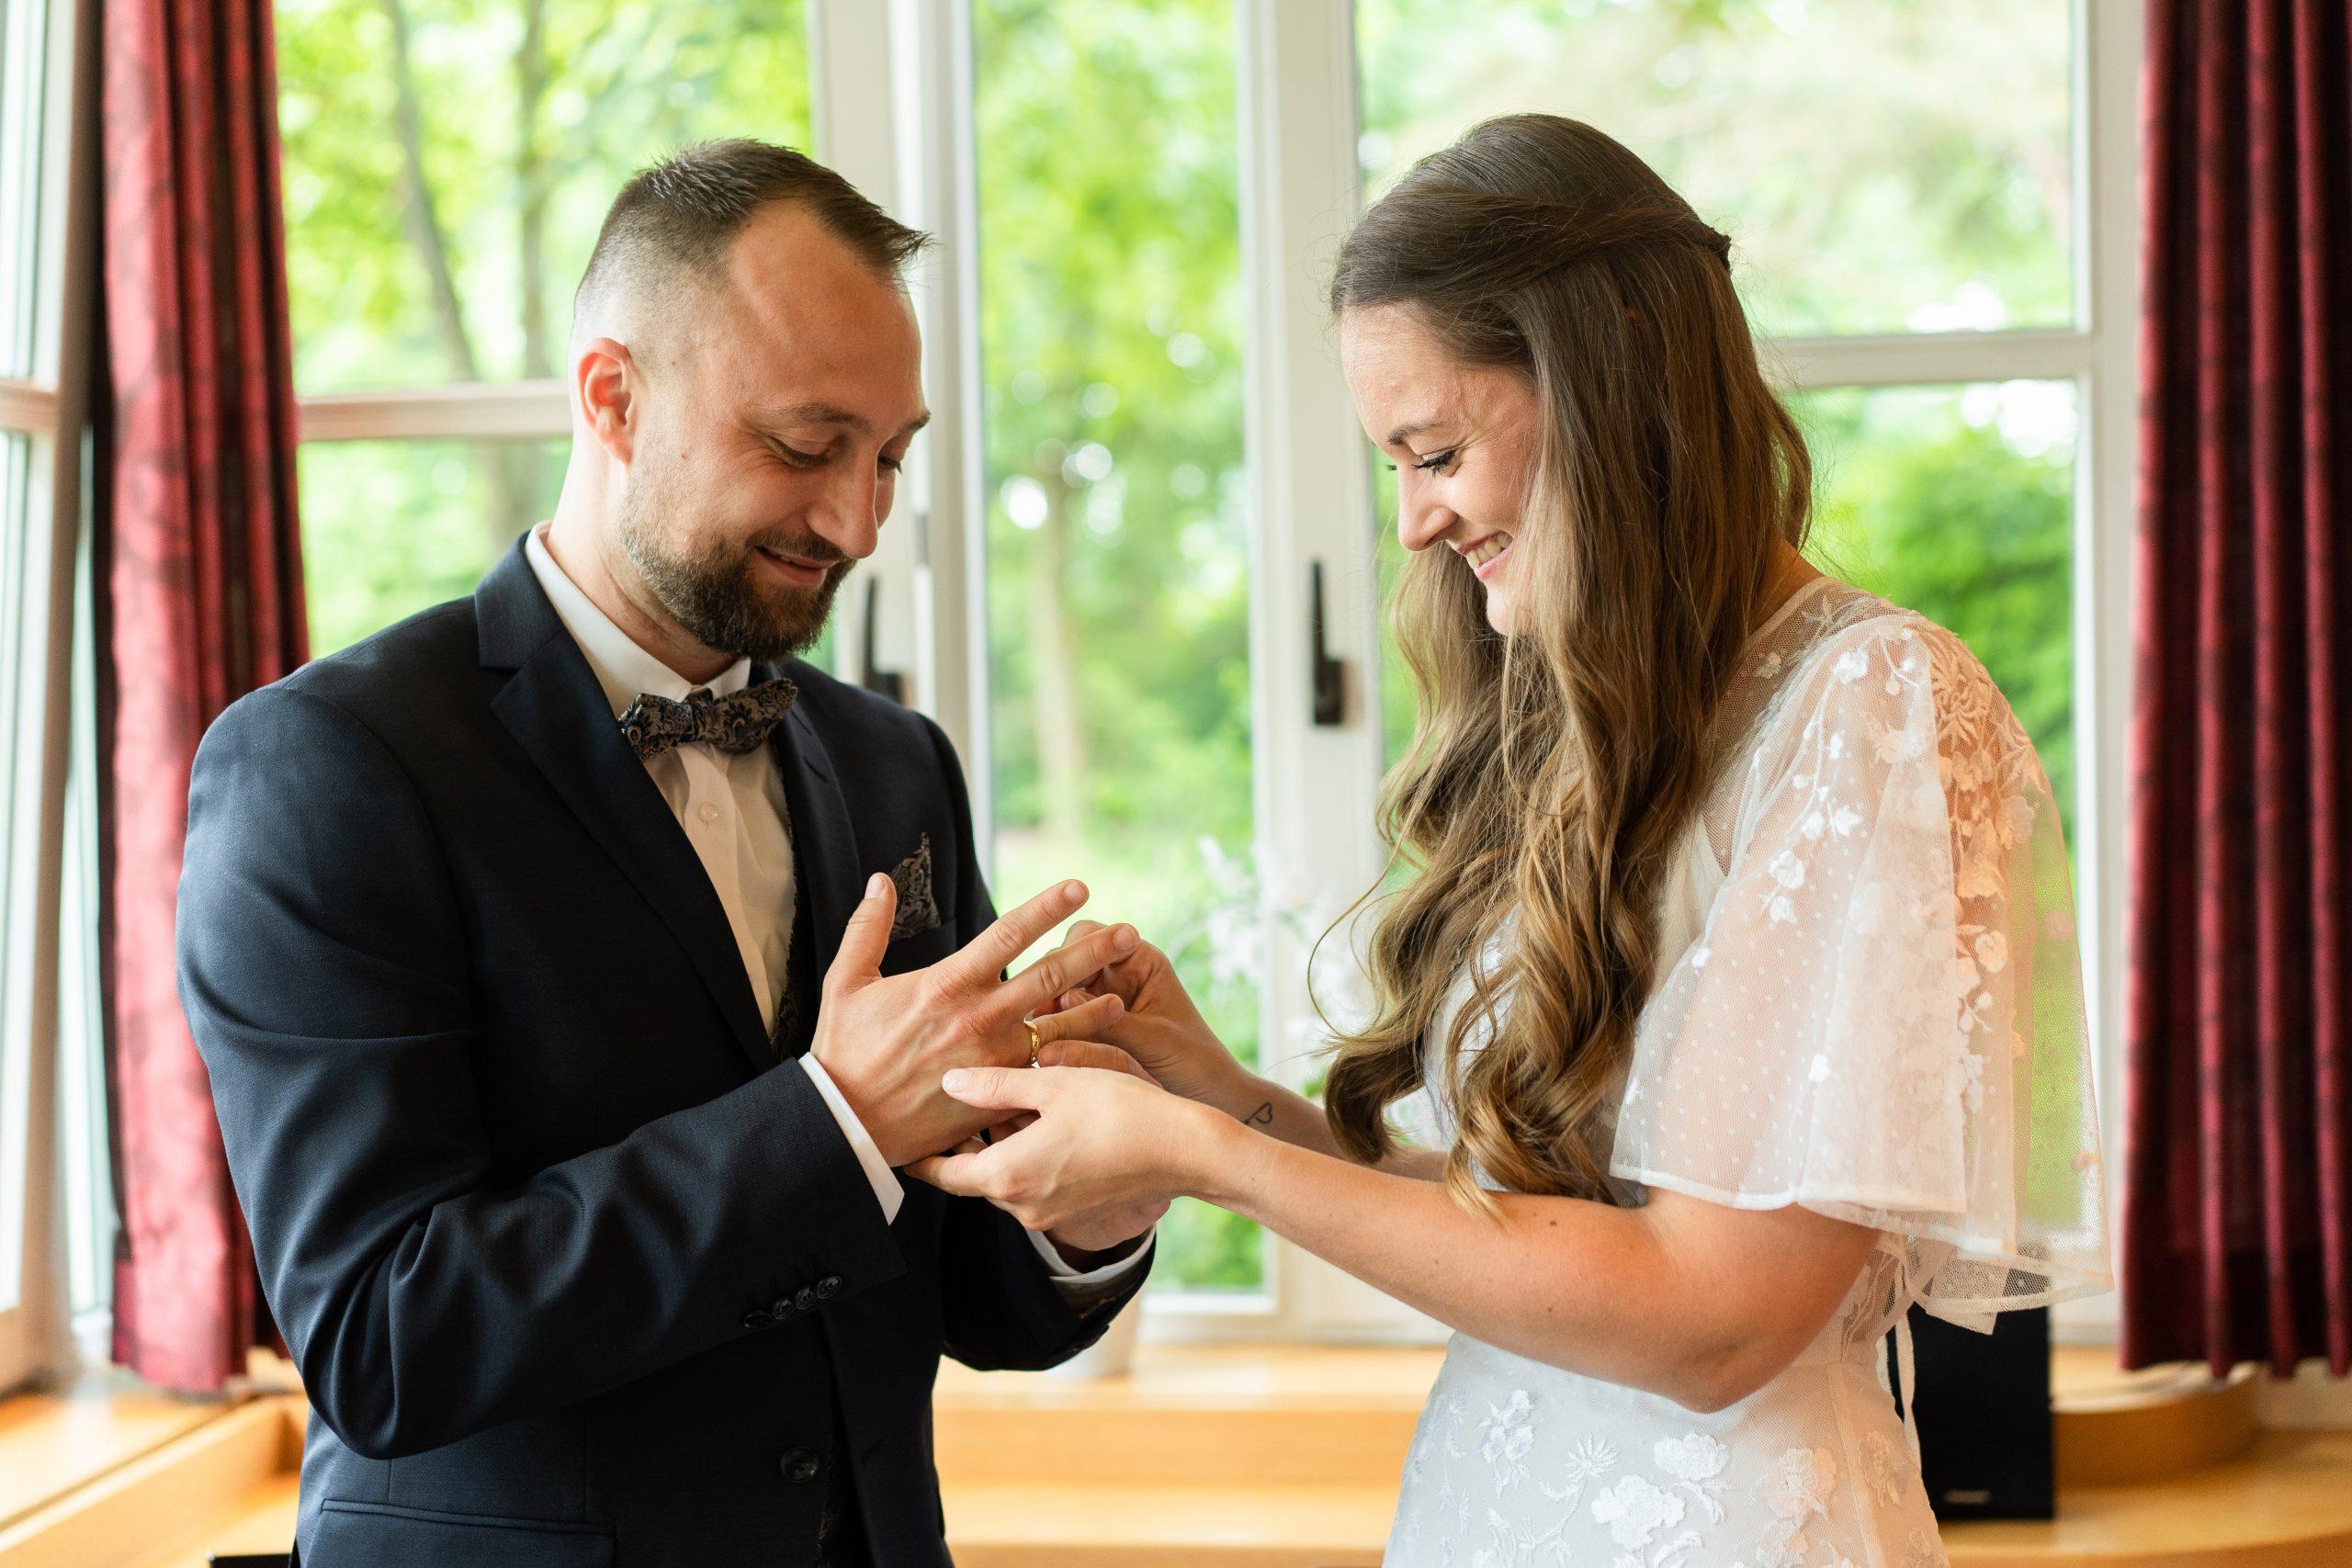 Ringtausch Foto Hochzeit Hochzeitsfoto Hochzeitsbilder Fotograf Hochzeiten